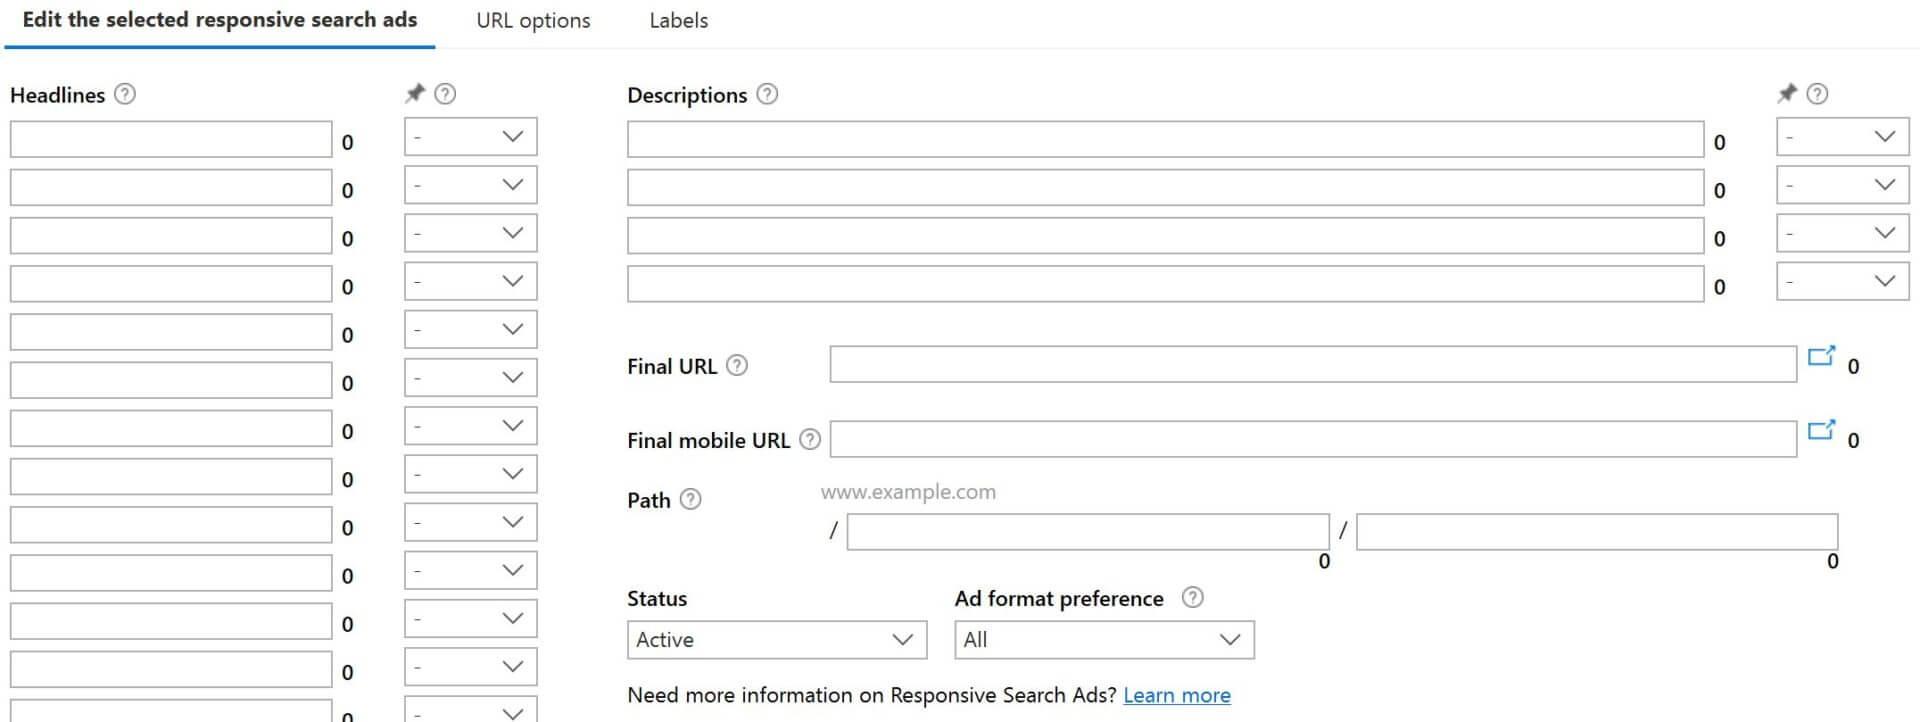 Anuncios de búsqueda receptivos disponibles a nivel mundial en todas las interfaces de Microsoft Advertising